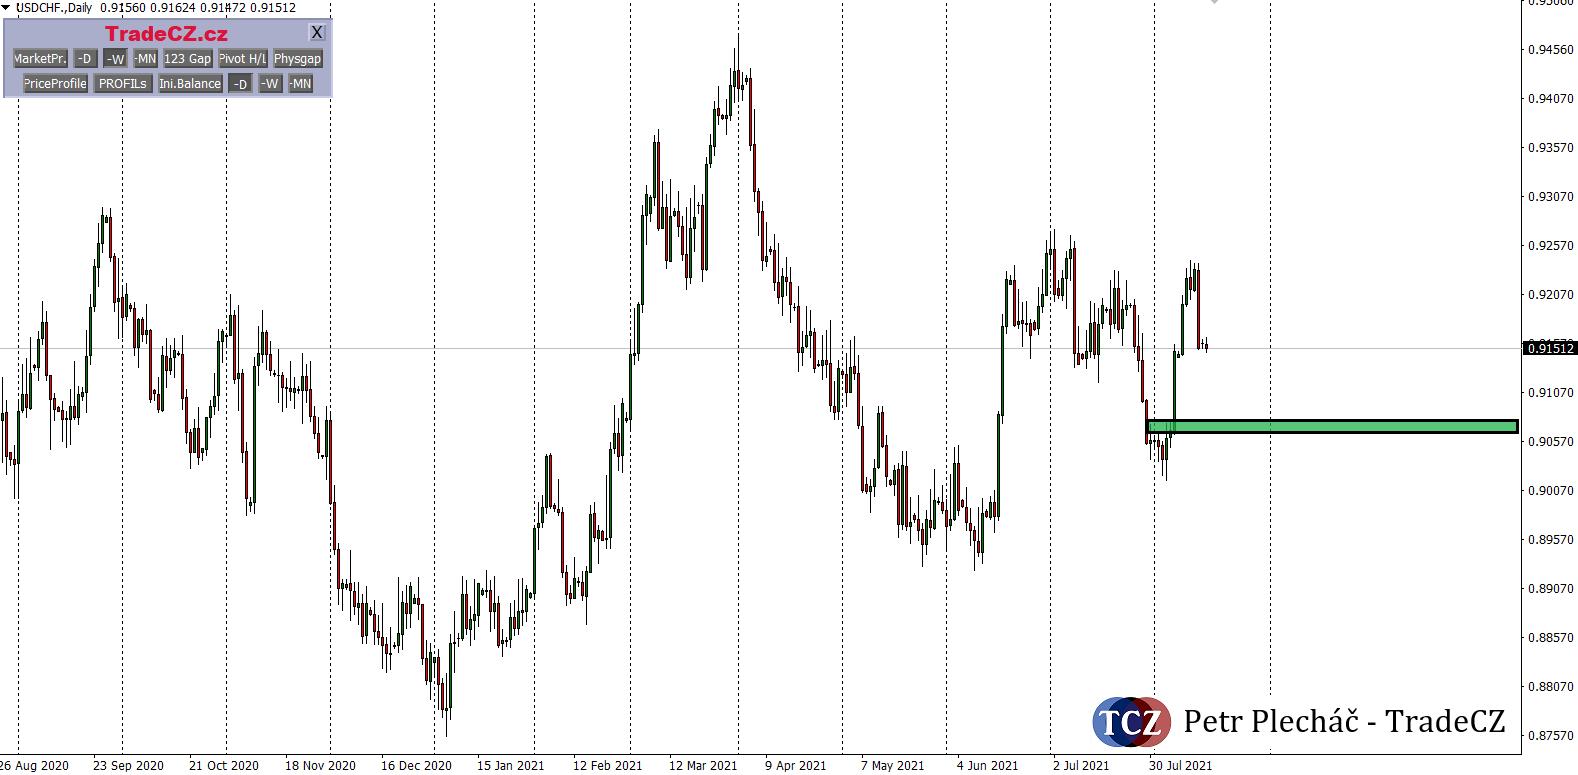 USD/CHF analýza forex